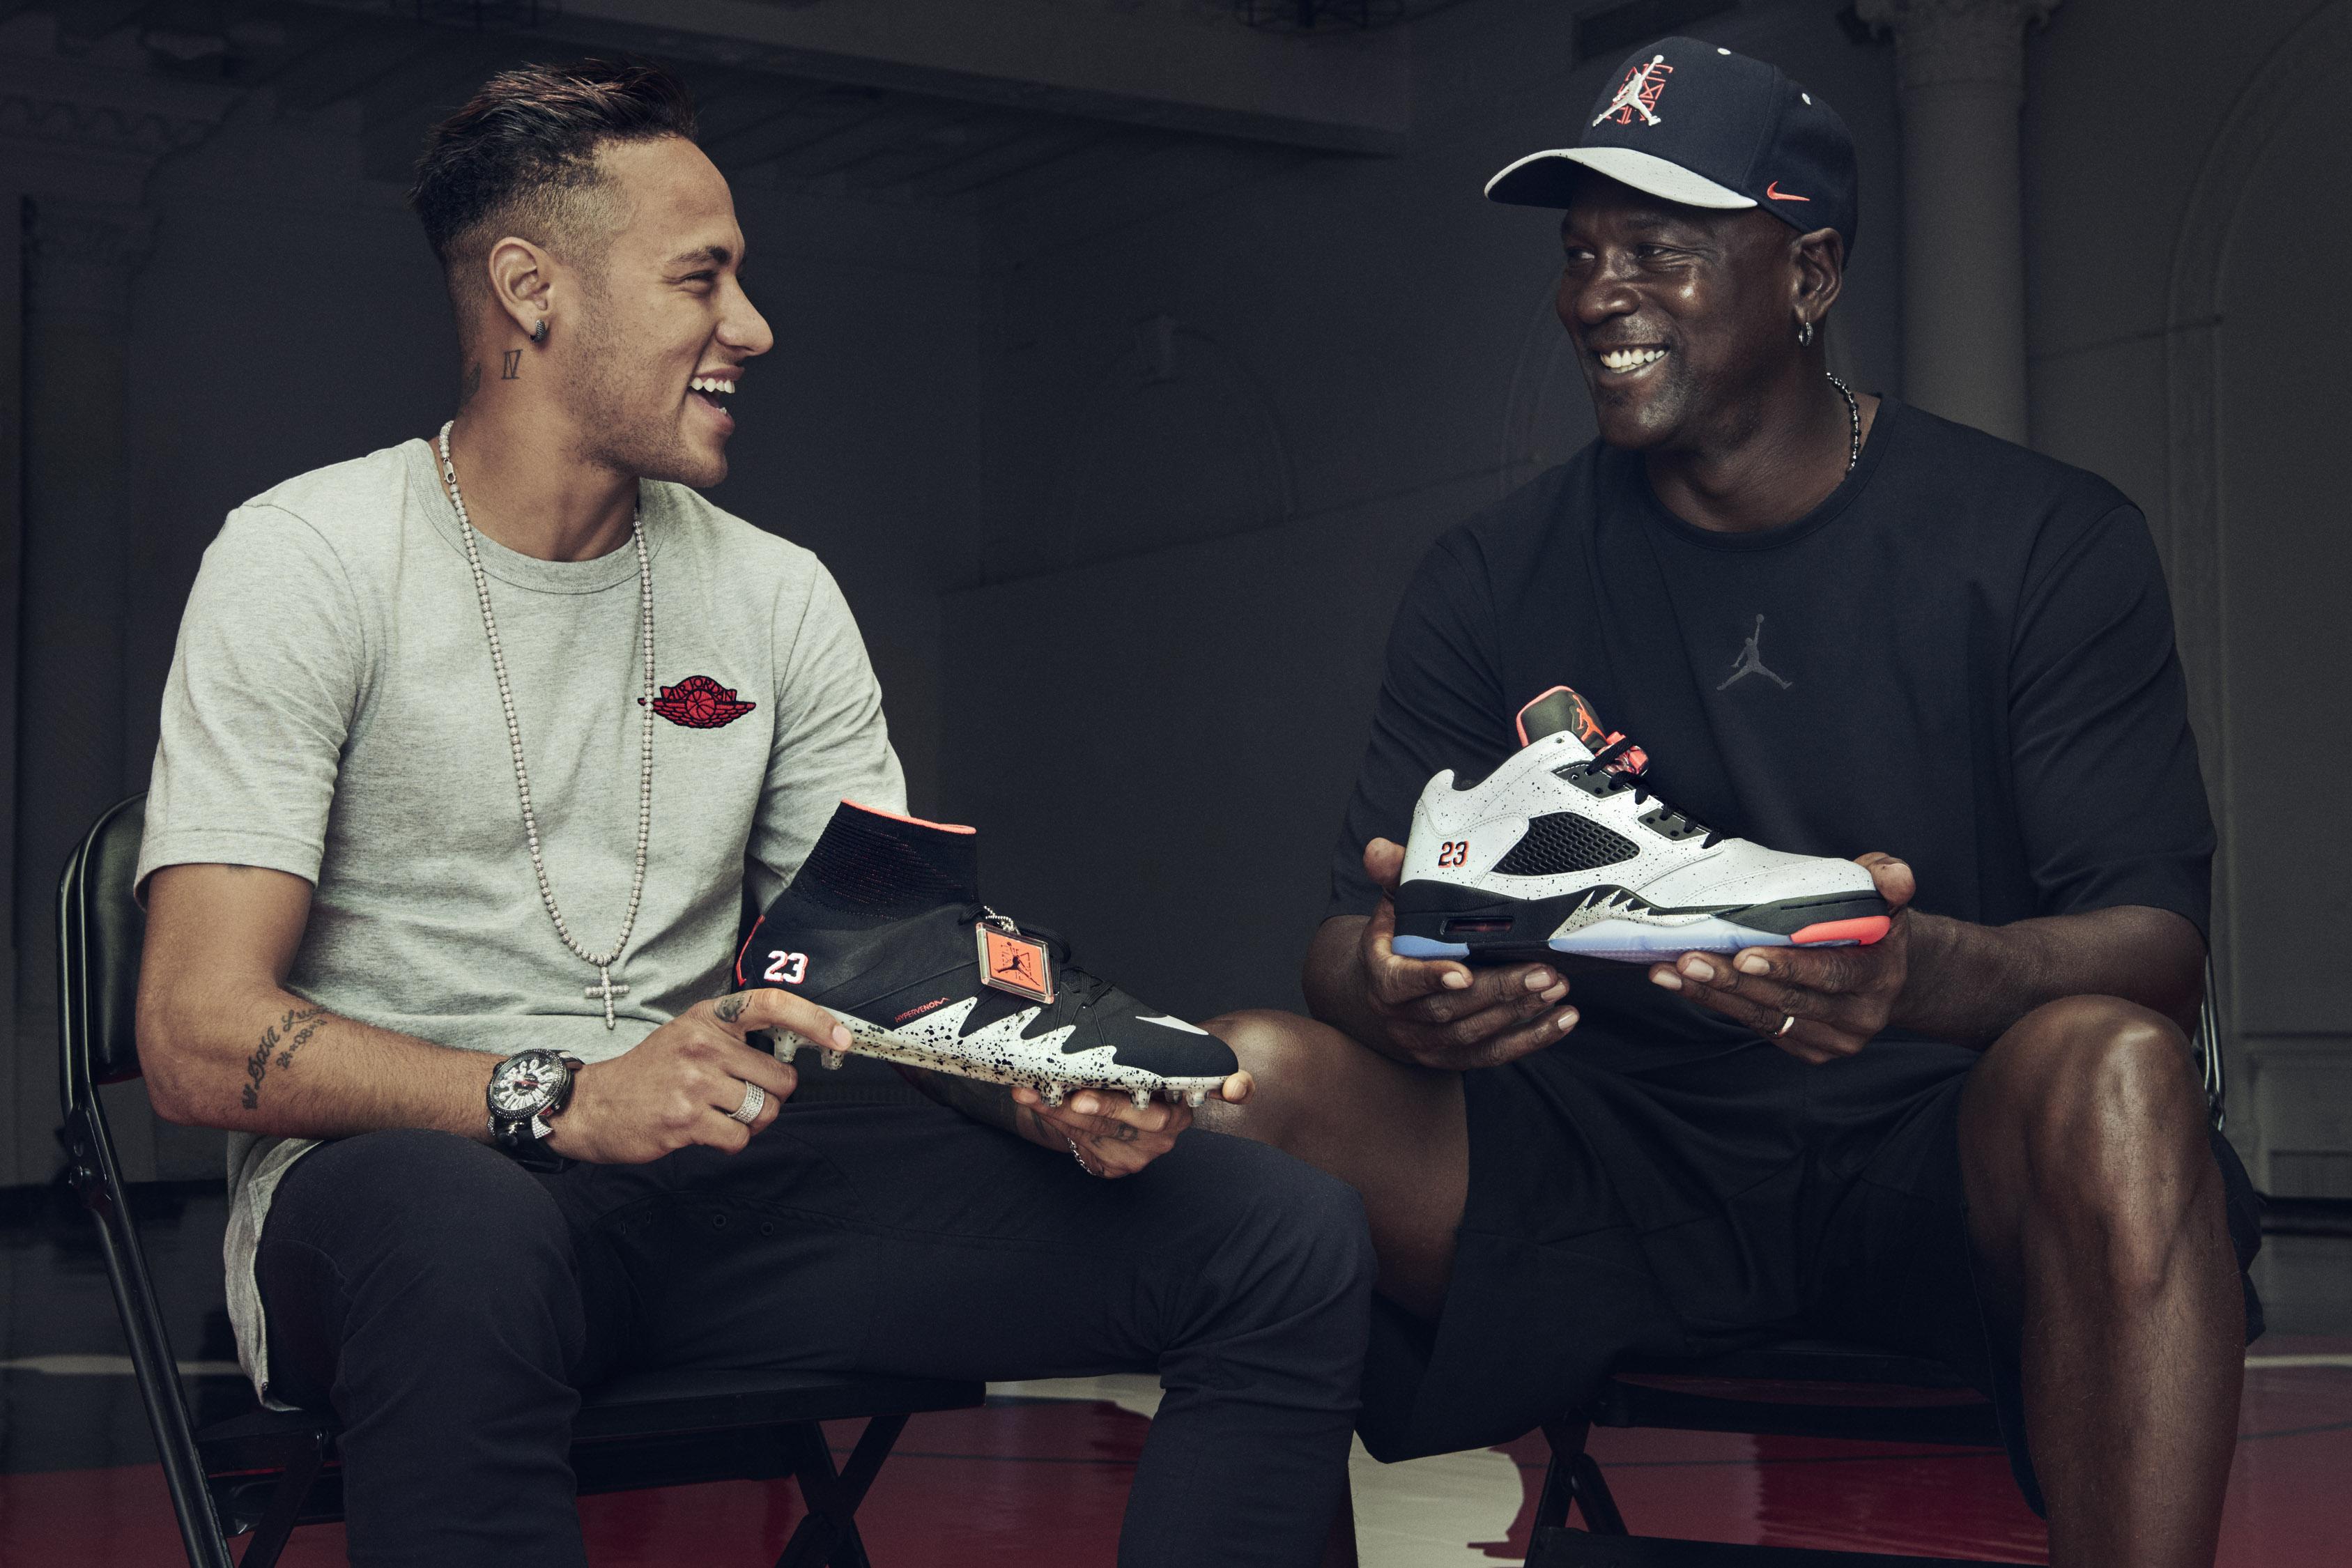 Jordan x Neymar